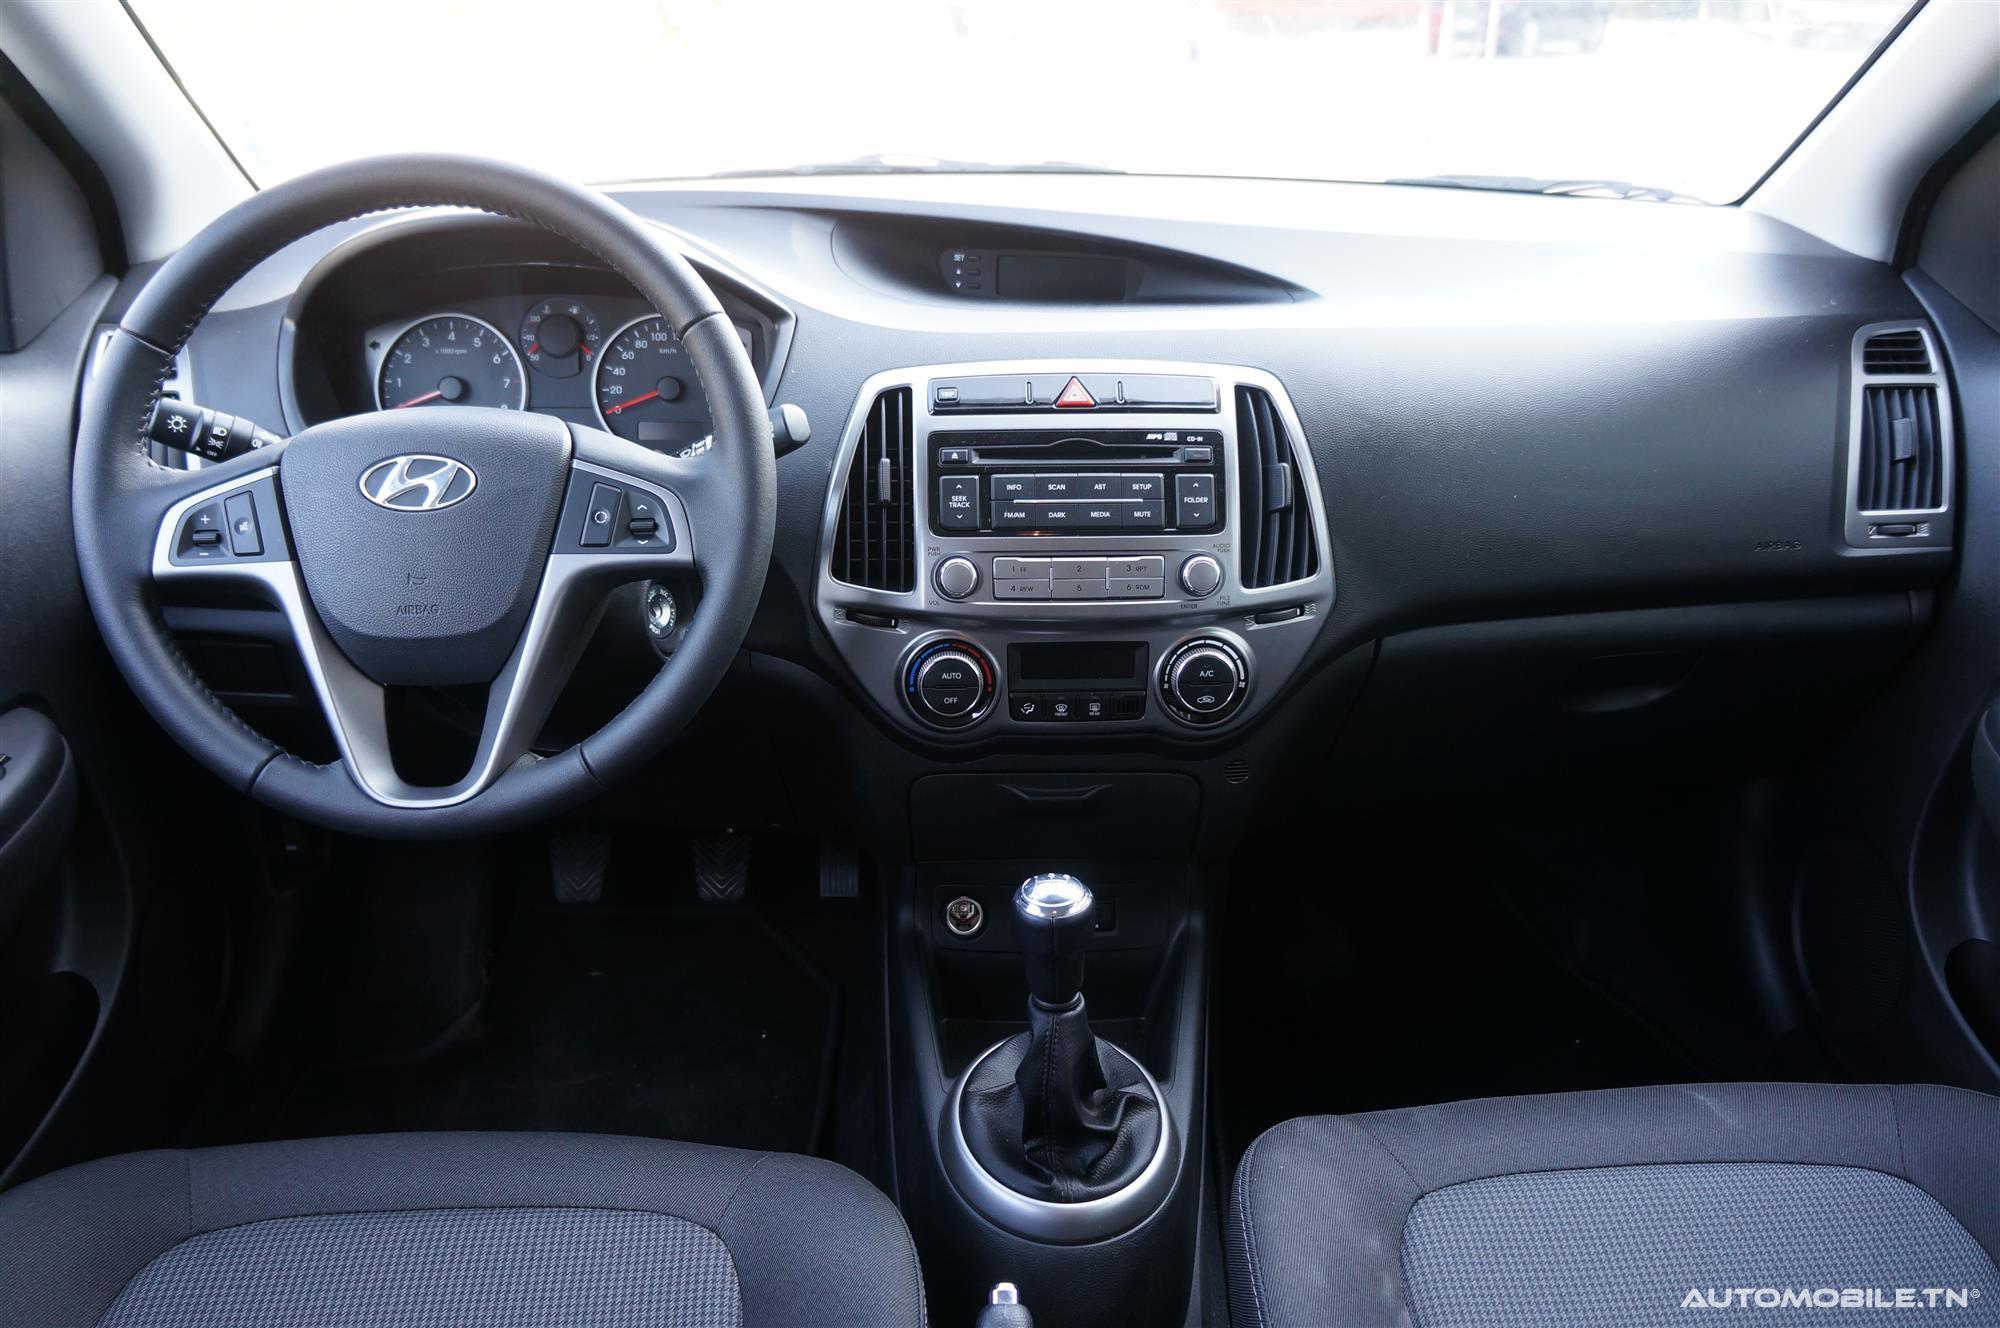 Interieur Hyundai I20 Of Essais Essai De La Hyundai I20